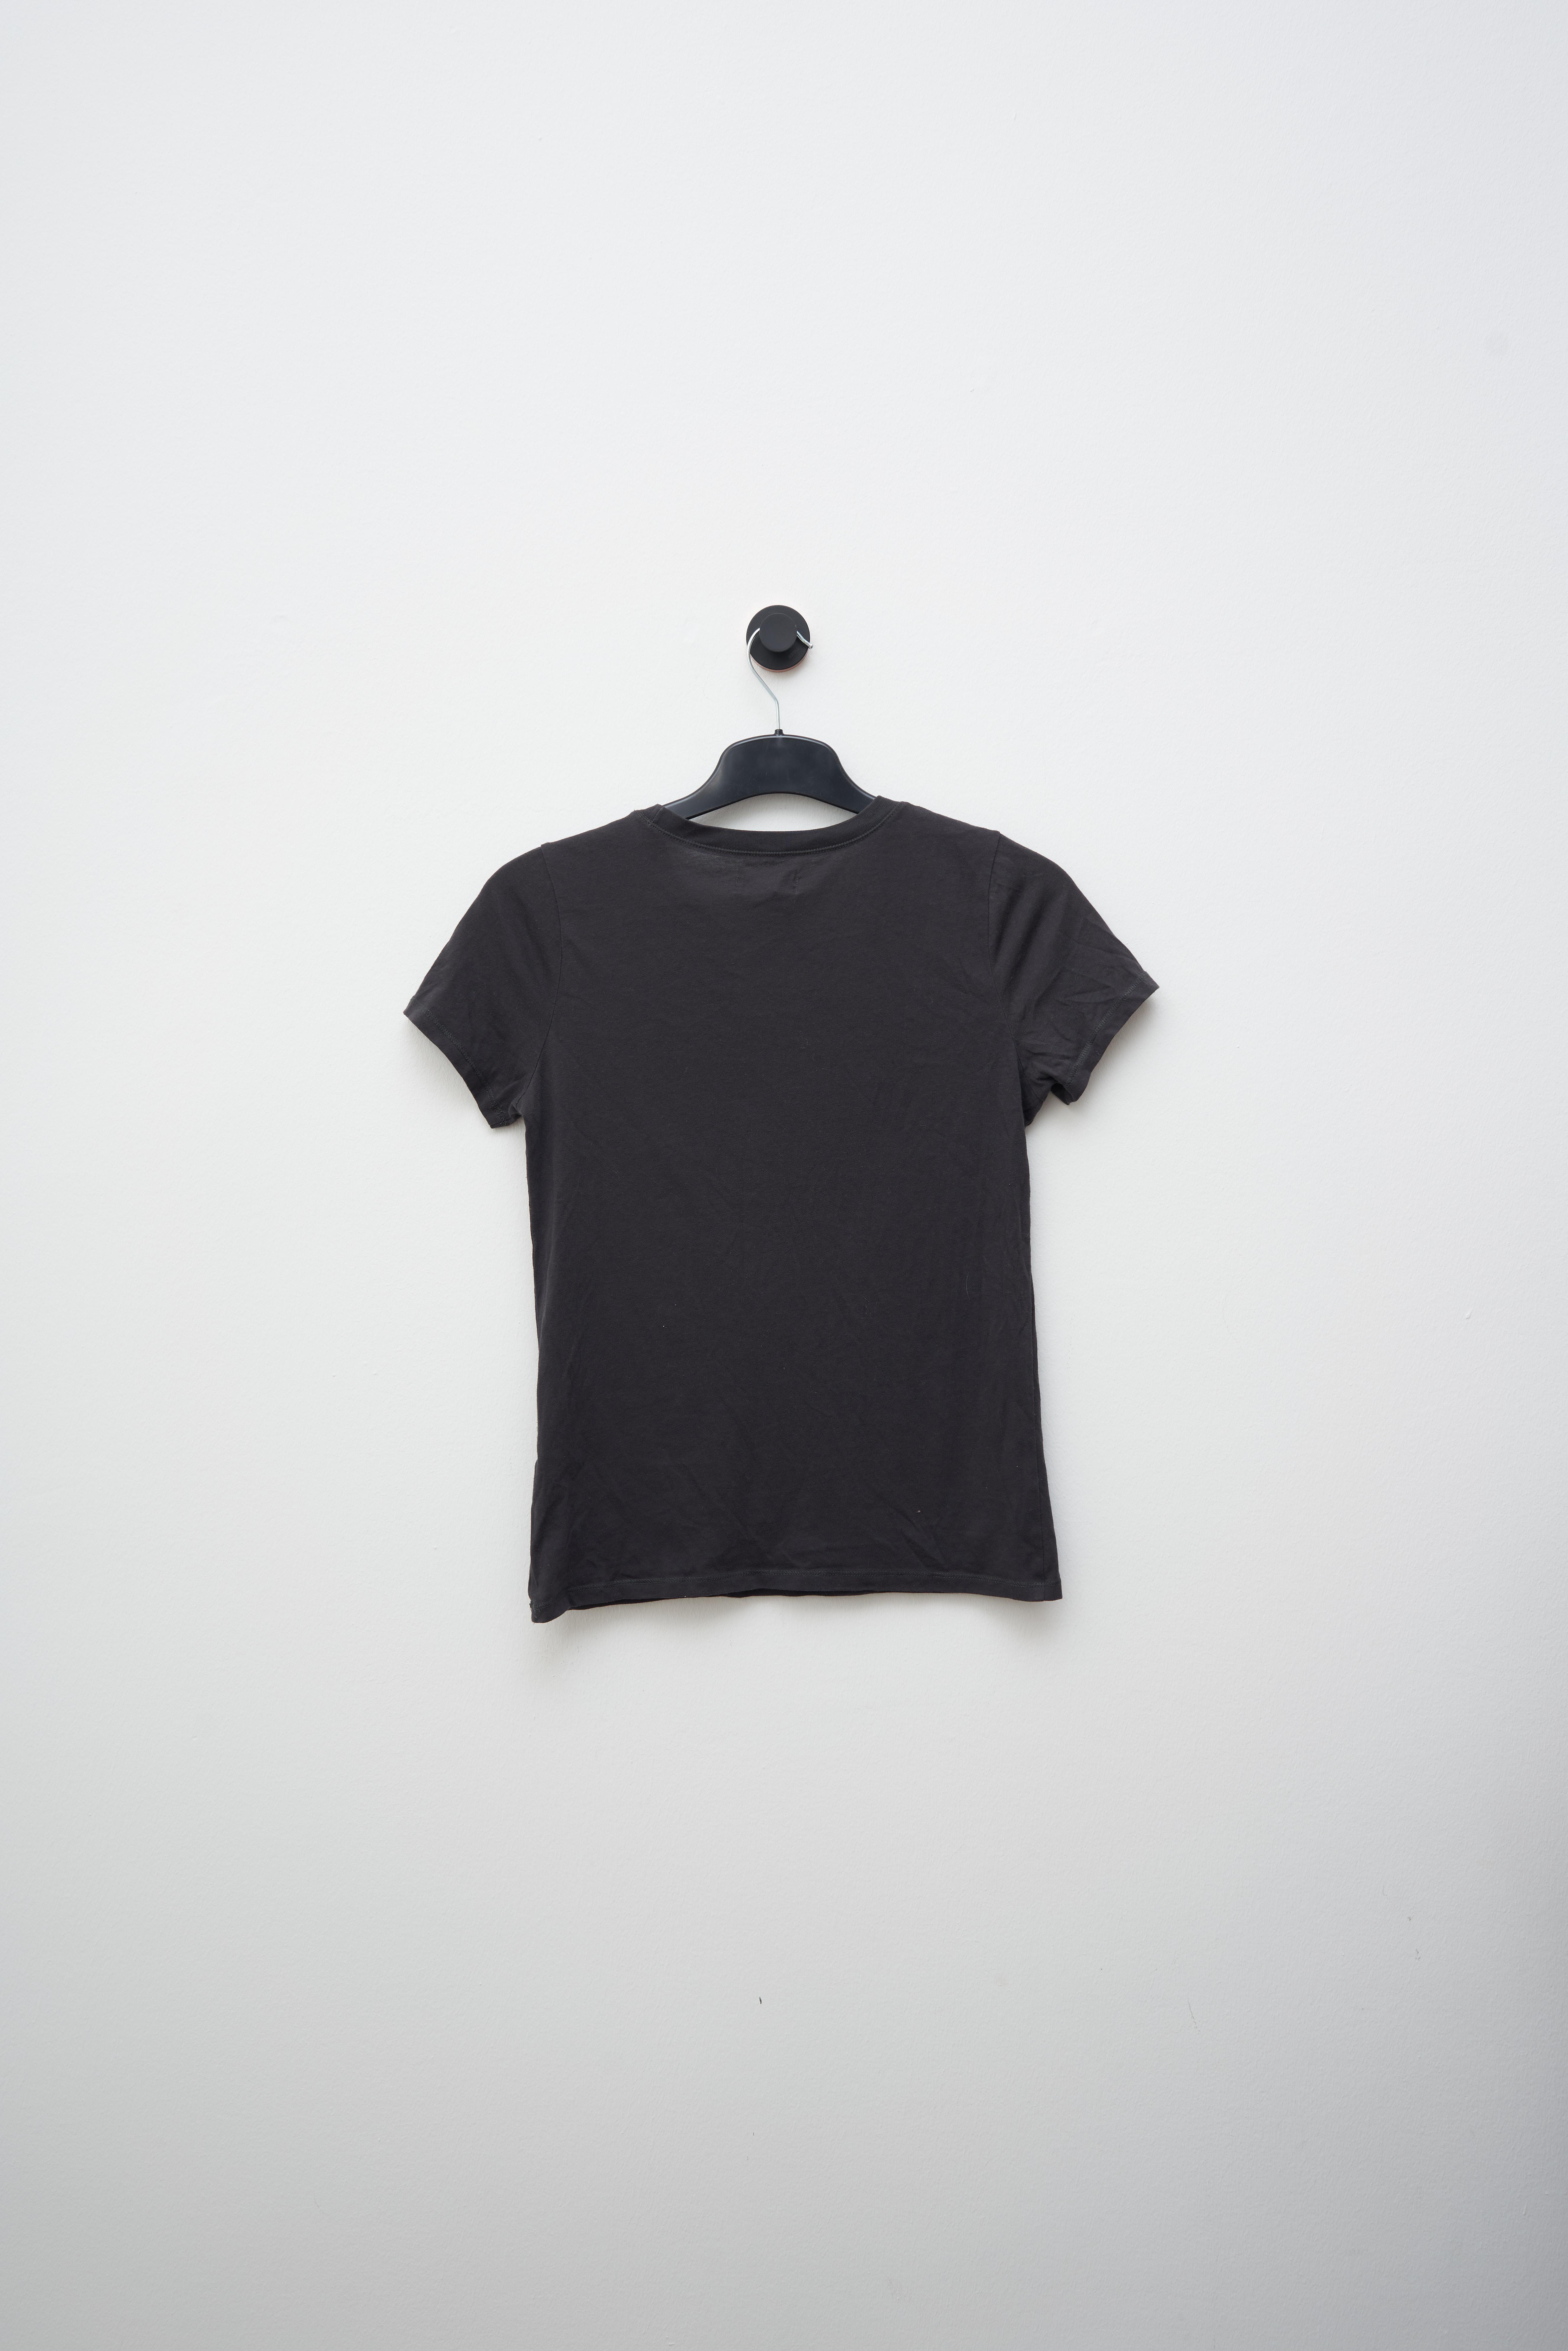 Hollister Co. T-Shirt Schwarz Gr.L